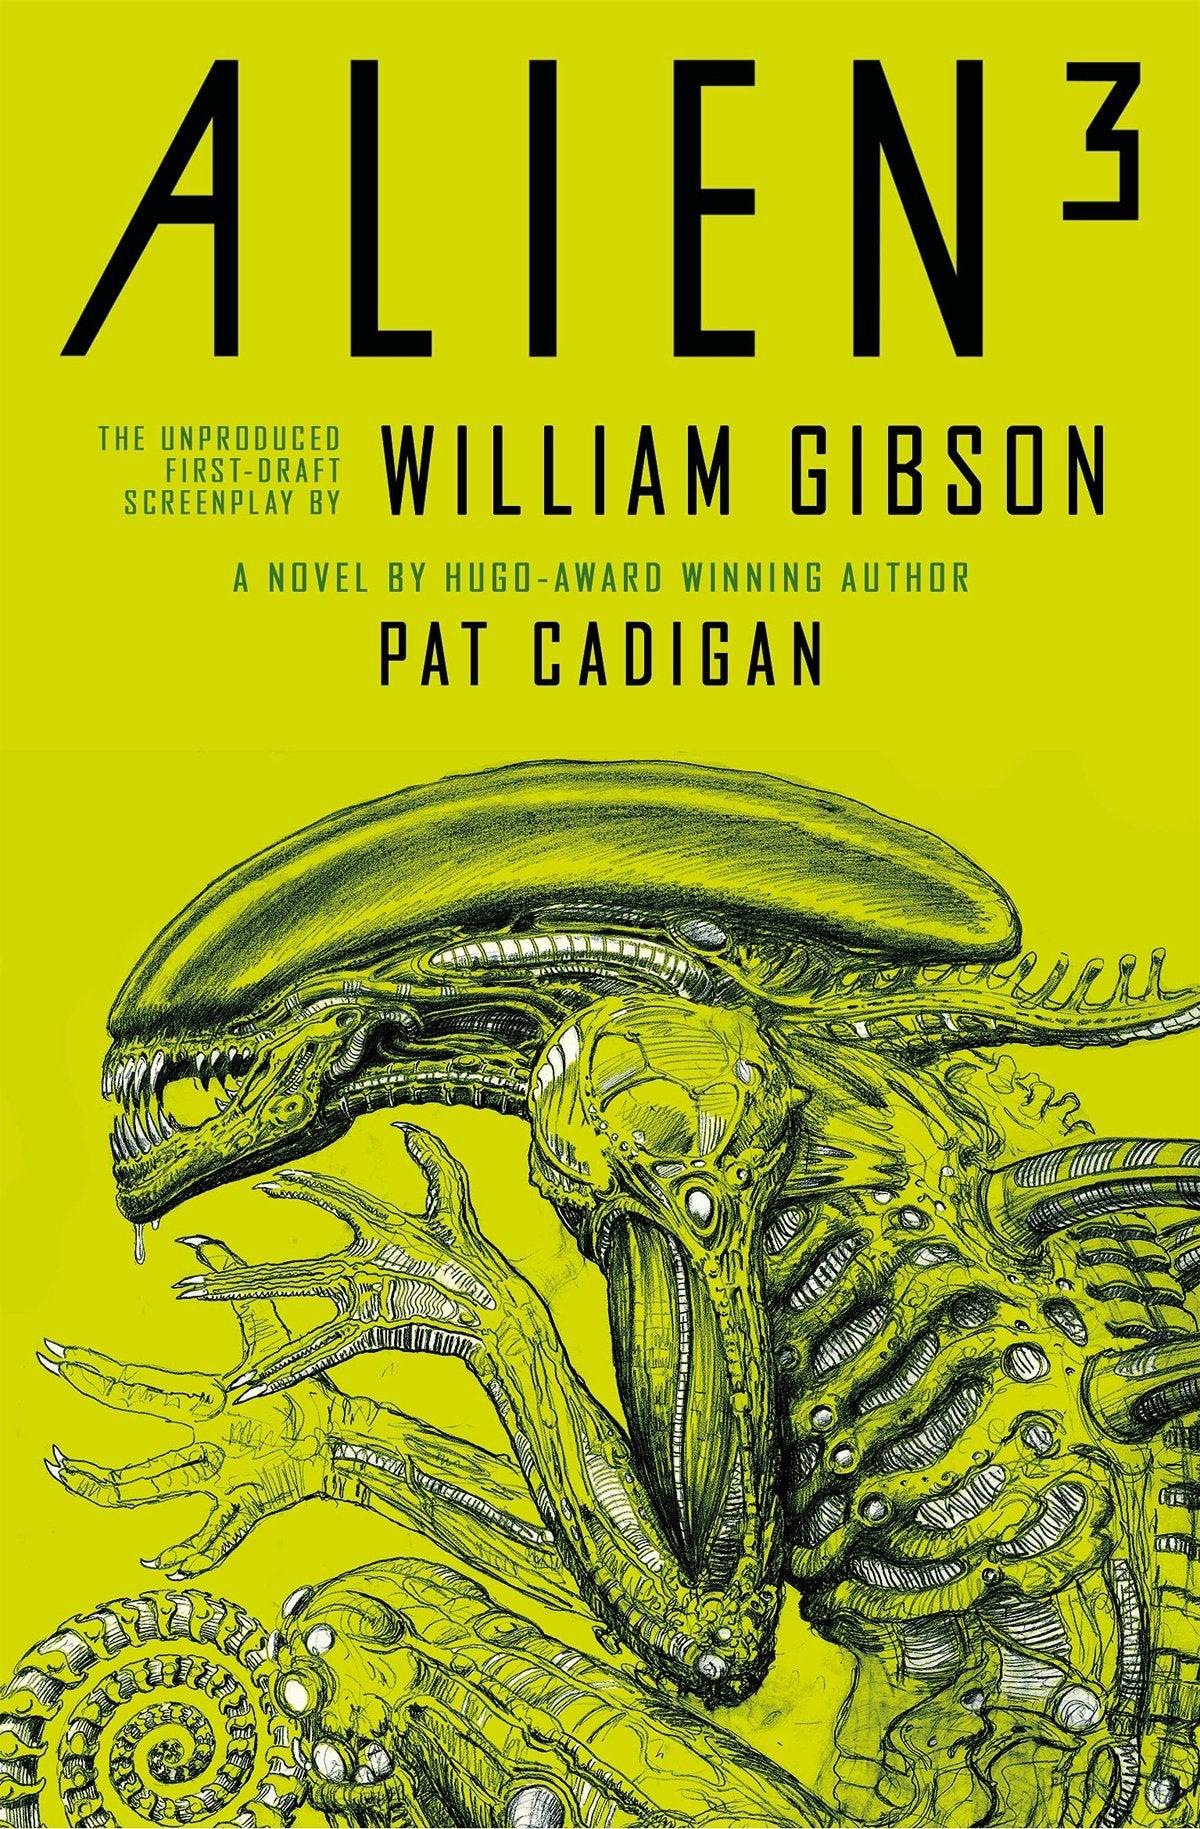 alien 3 book novel cover